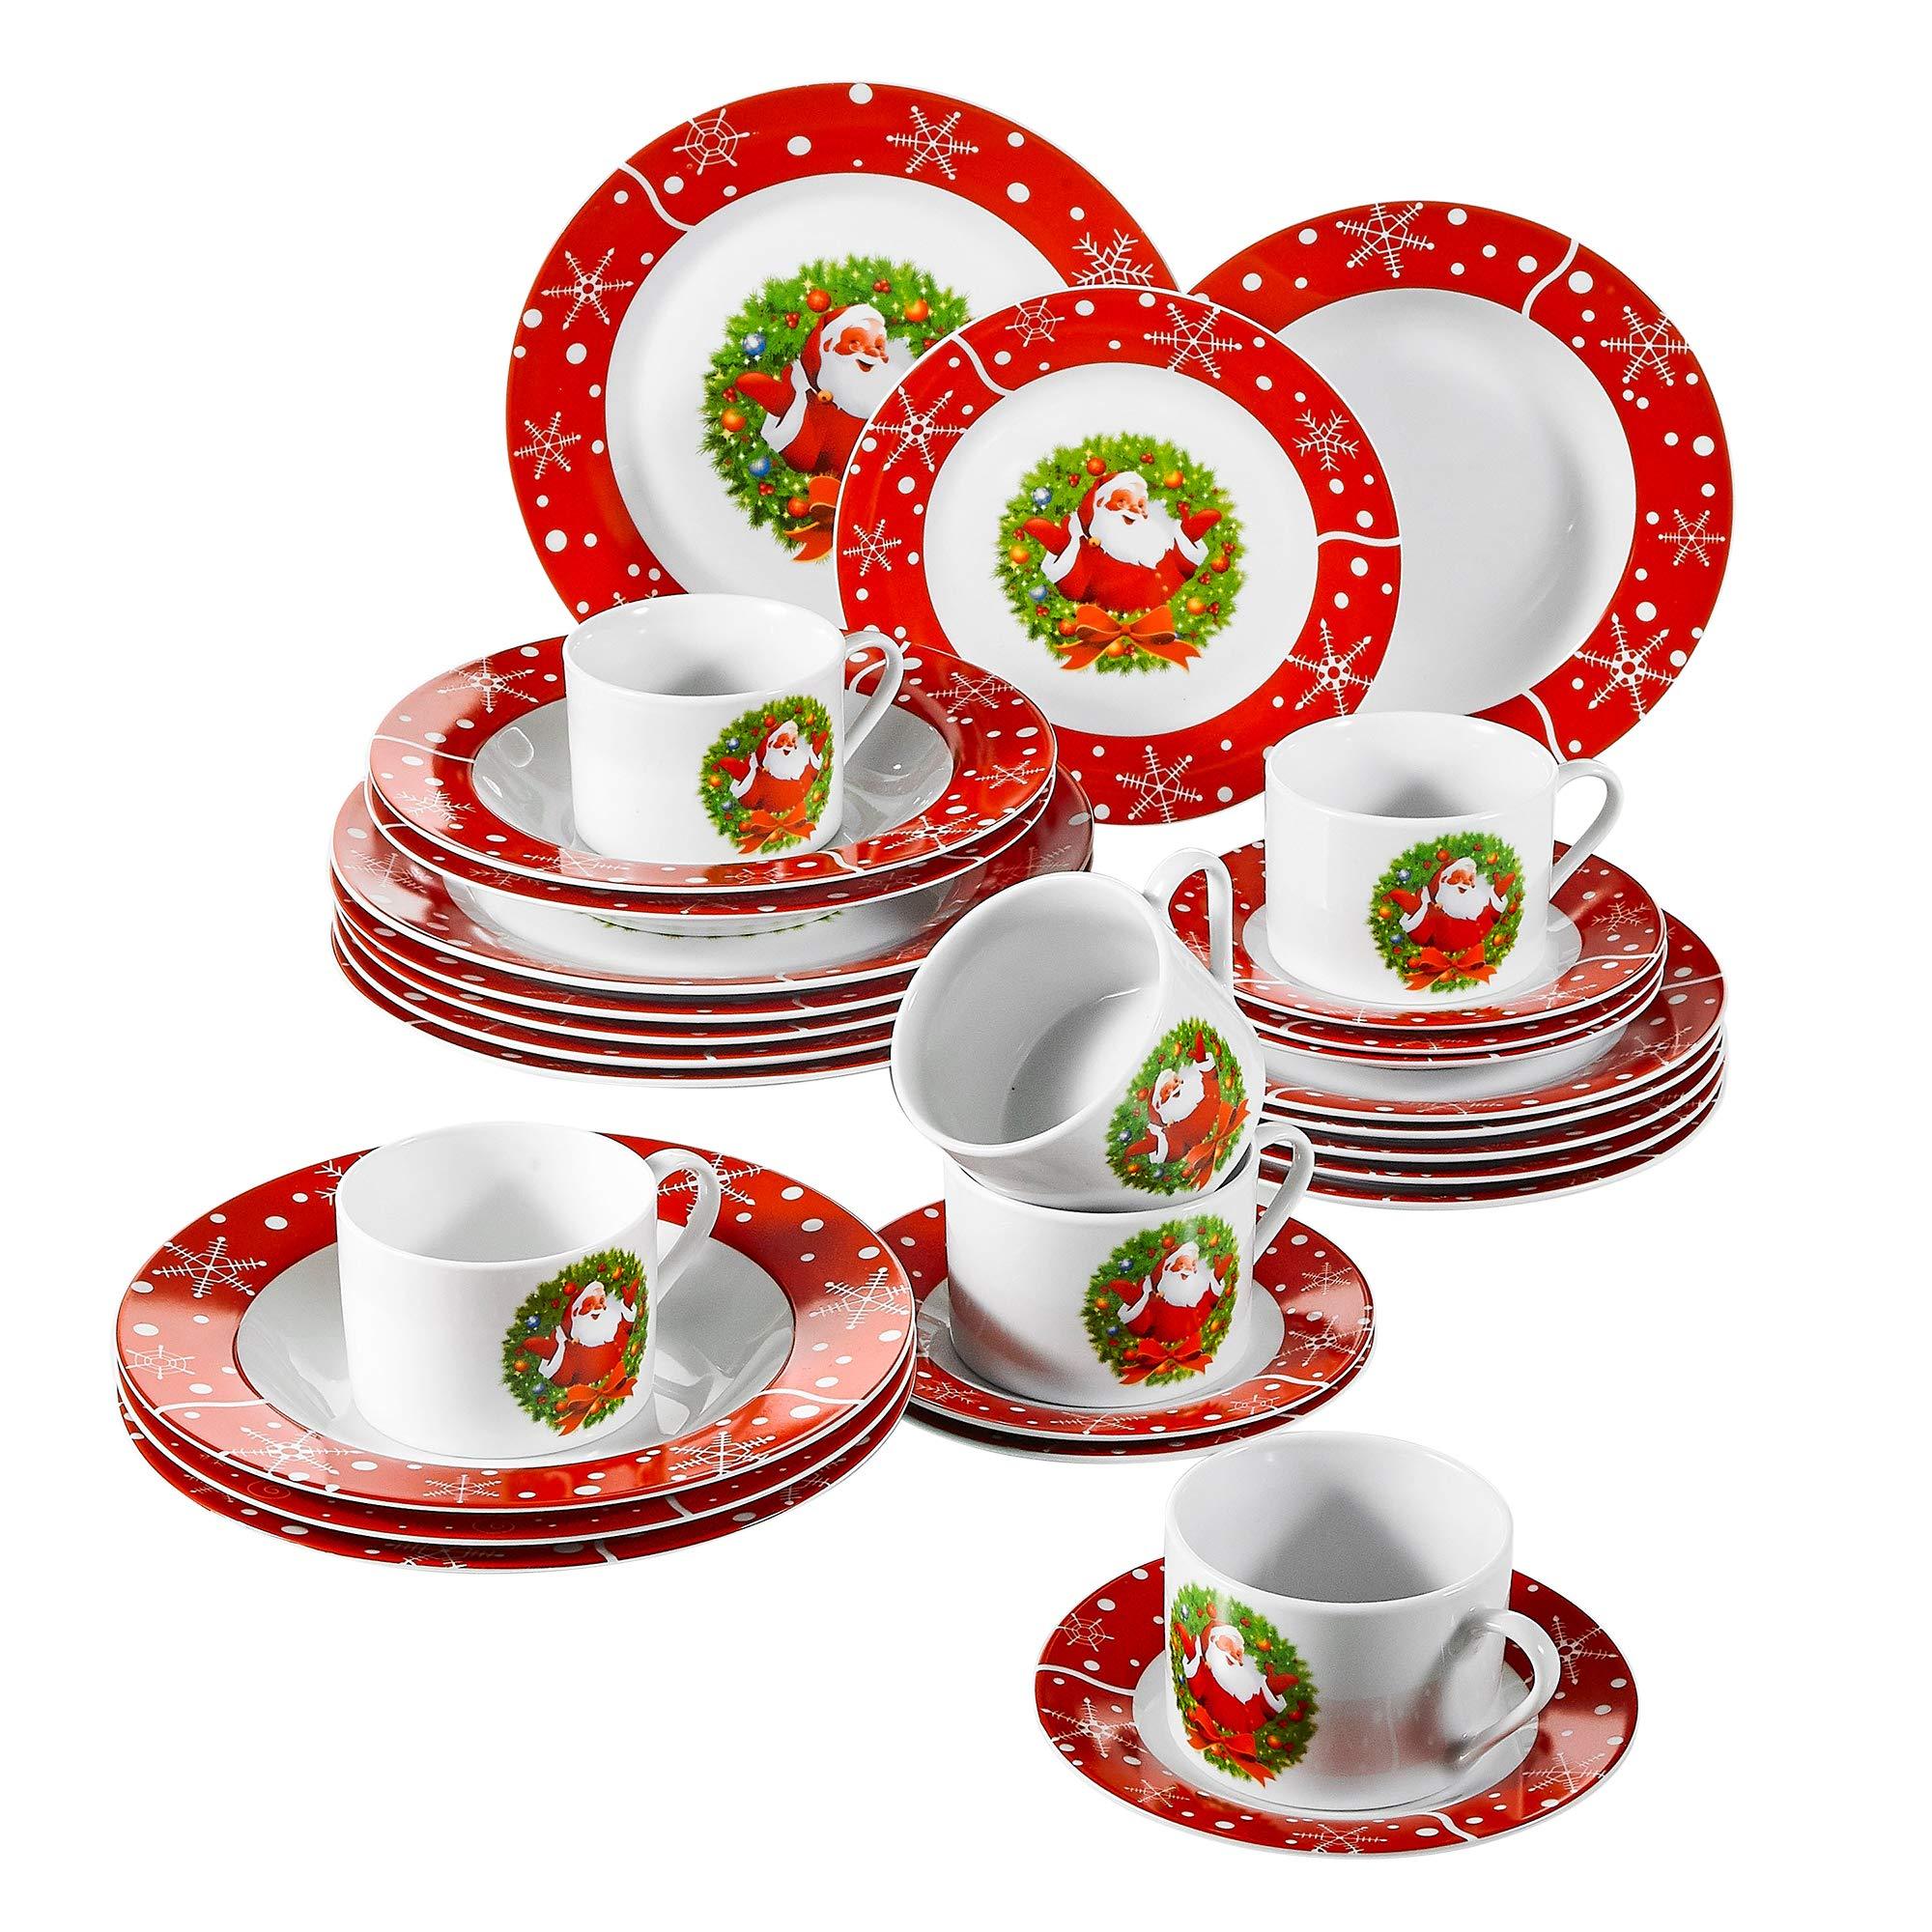 VEWEET, Serie SANTACLAUS, 30 Piezas vajillas de Porcelana, 6 Tazas 6 platillos 6